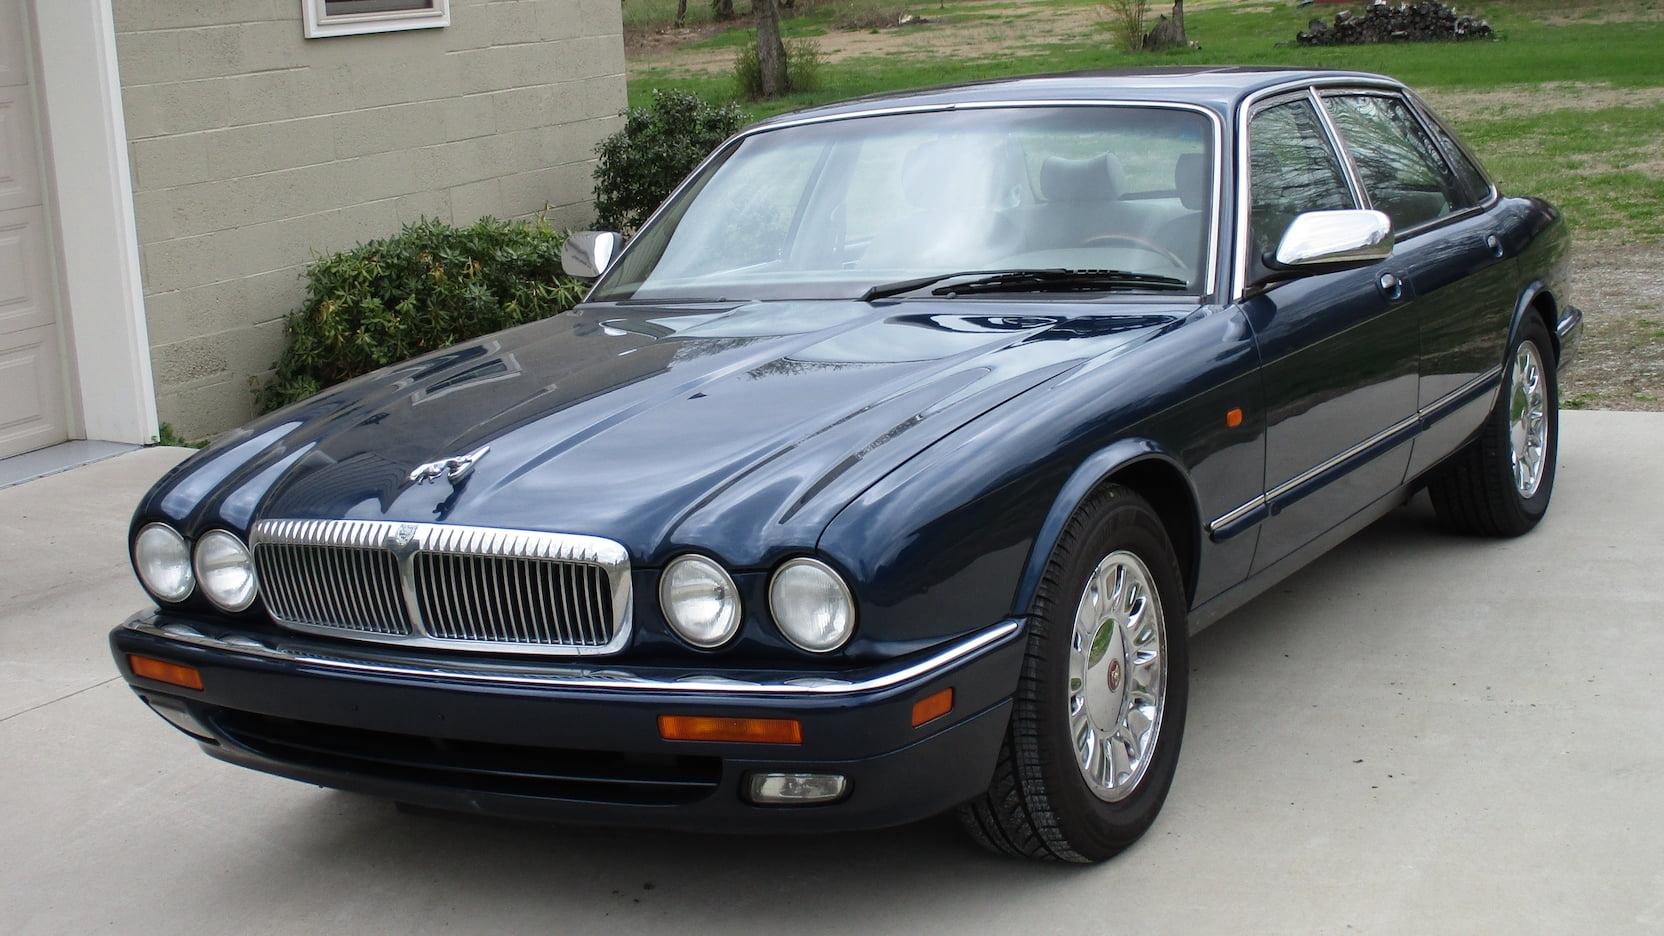 1995 Jaguar XJ6 blue 3/4 front